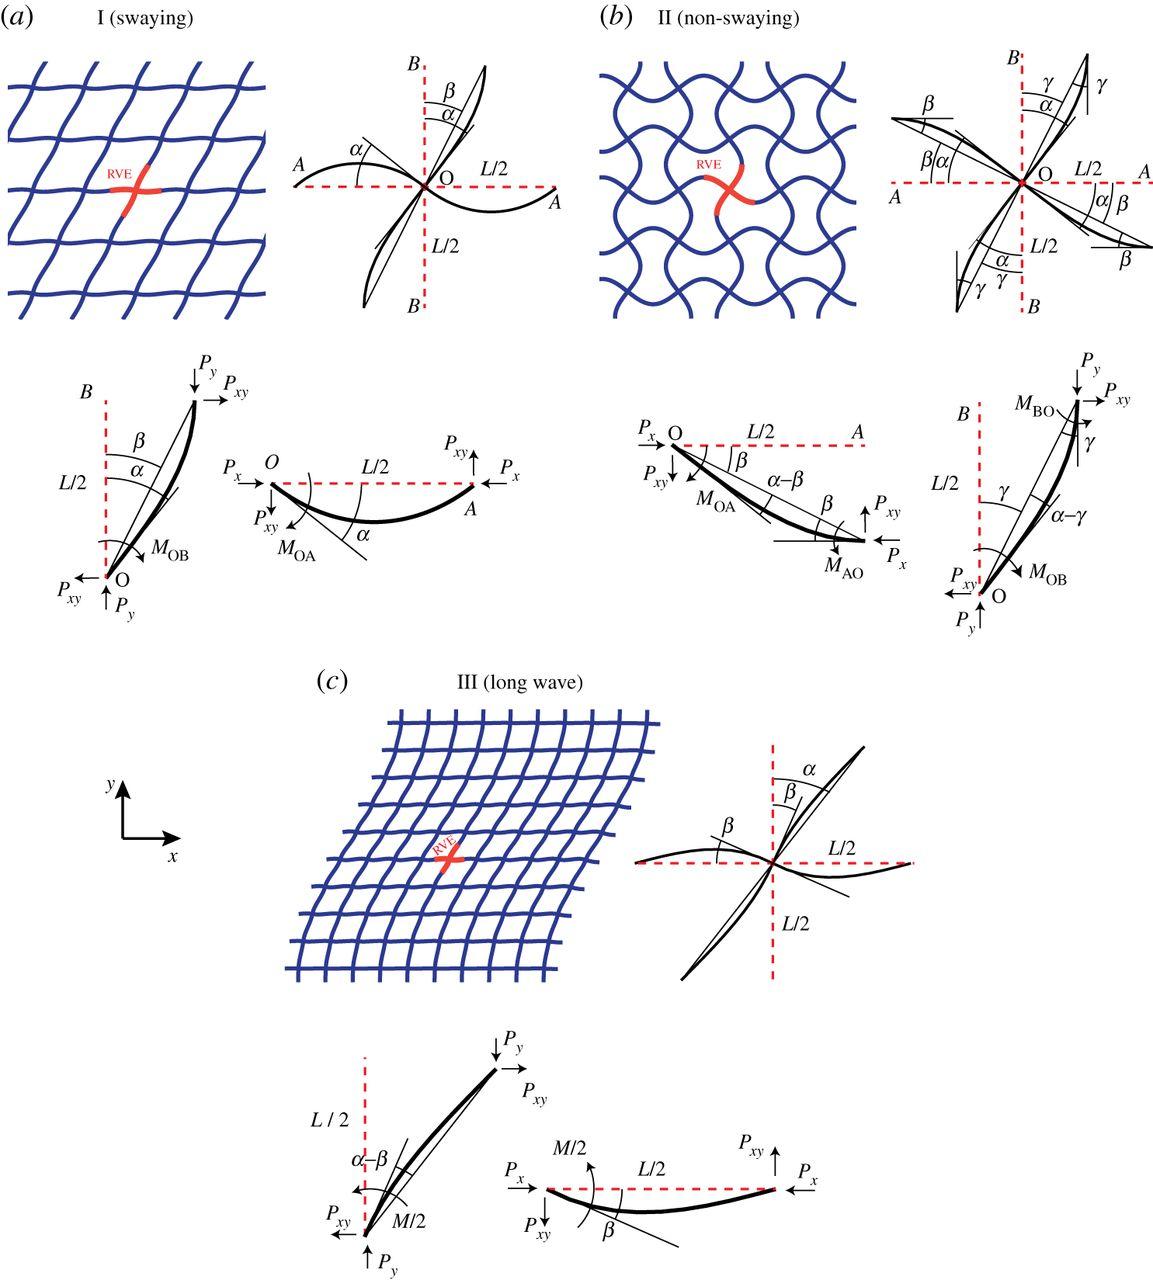 مقاله تحلیل تئوری و عددی مدهای واماندگی و پانل ساندویچی لانه زنبوری تحت بارهای ترکیبی (محوری، پیچشی، خمشی) در حالت استاتیکی